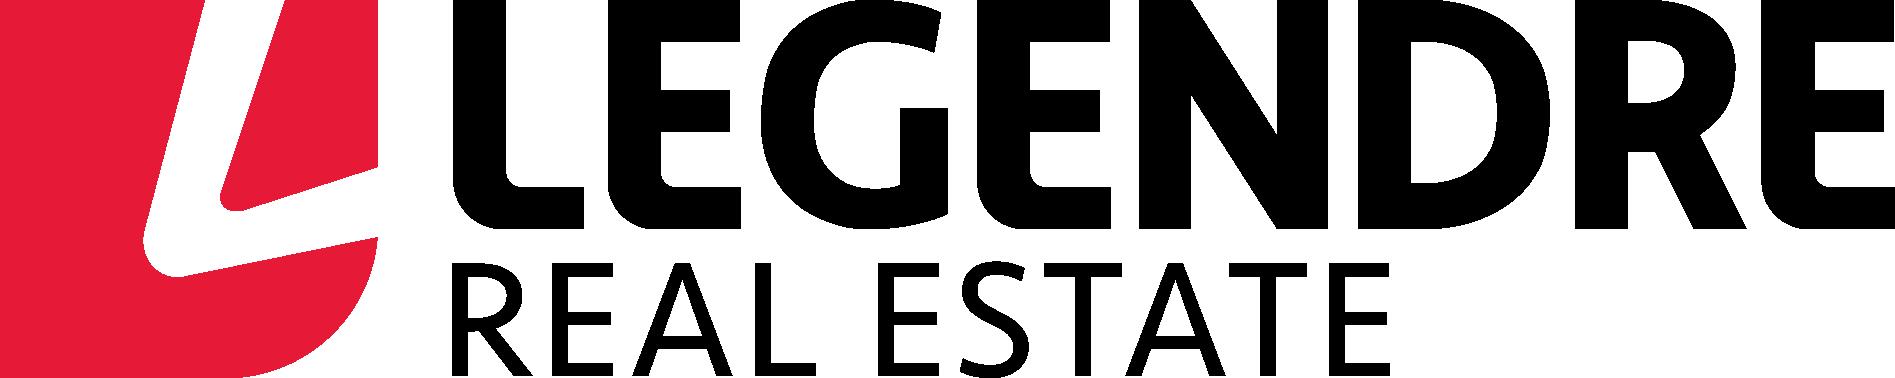 logo Legendre Real estate